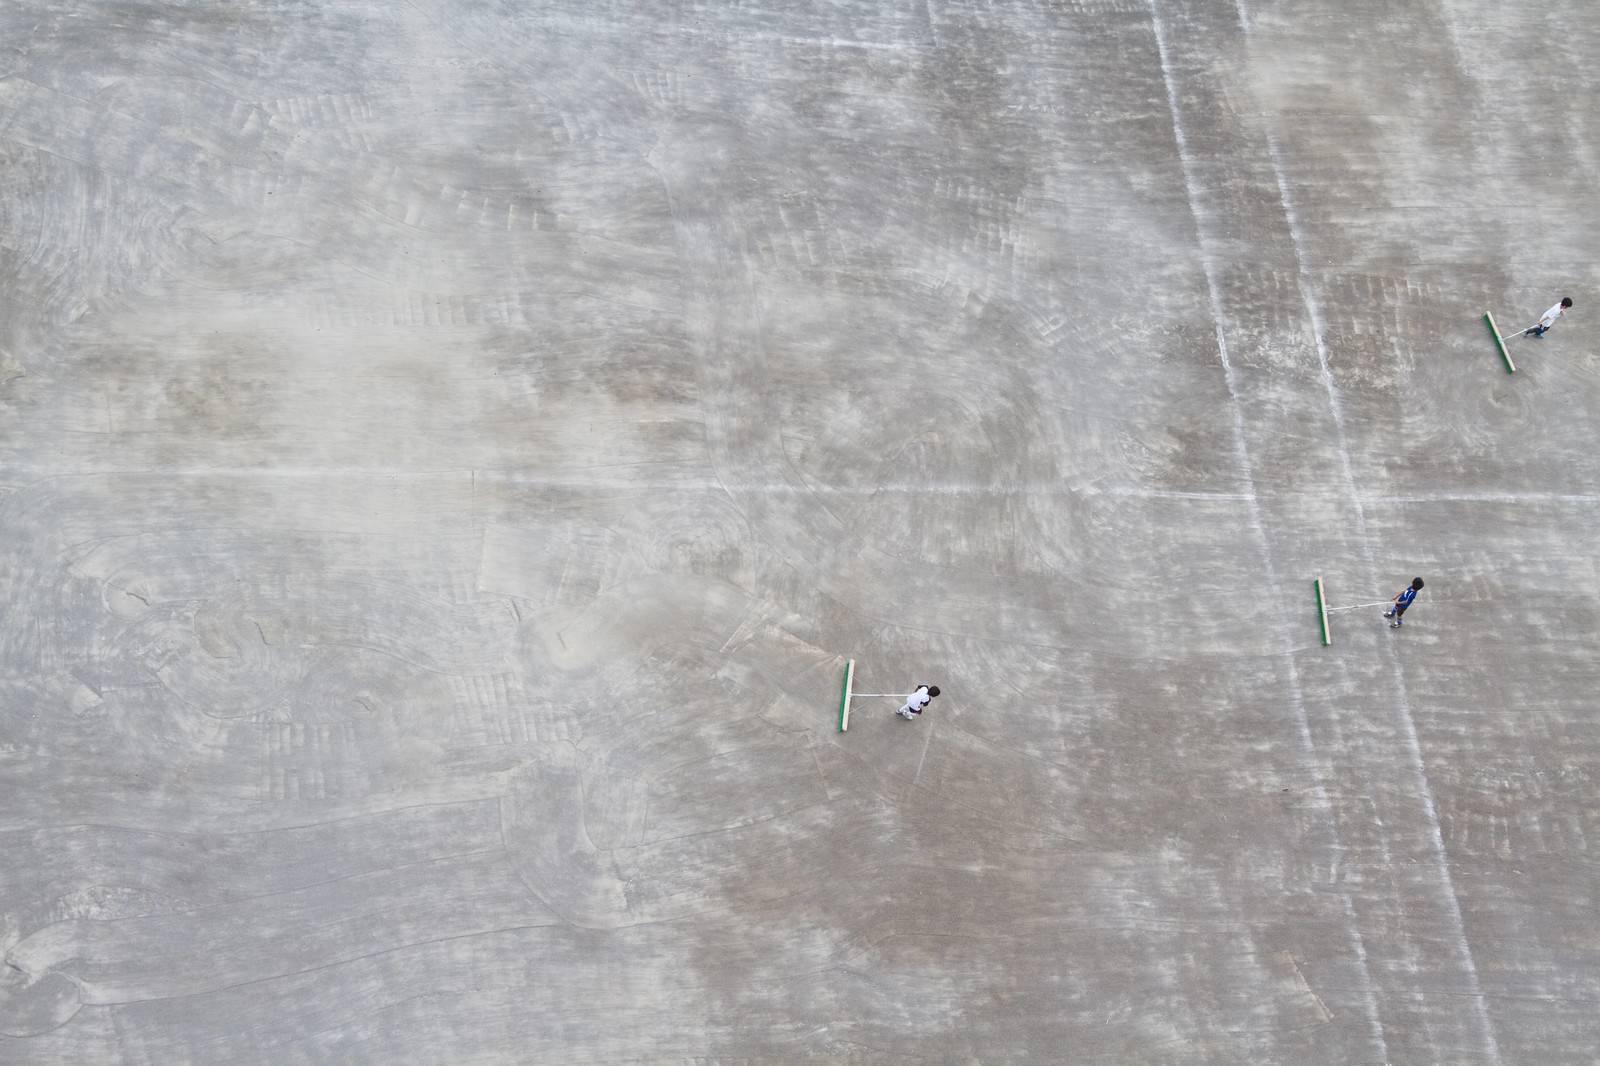 「運動場を整備する少年」の写真